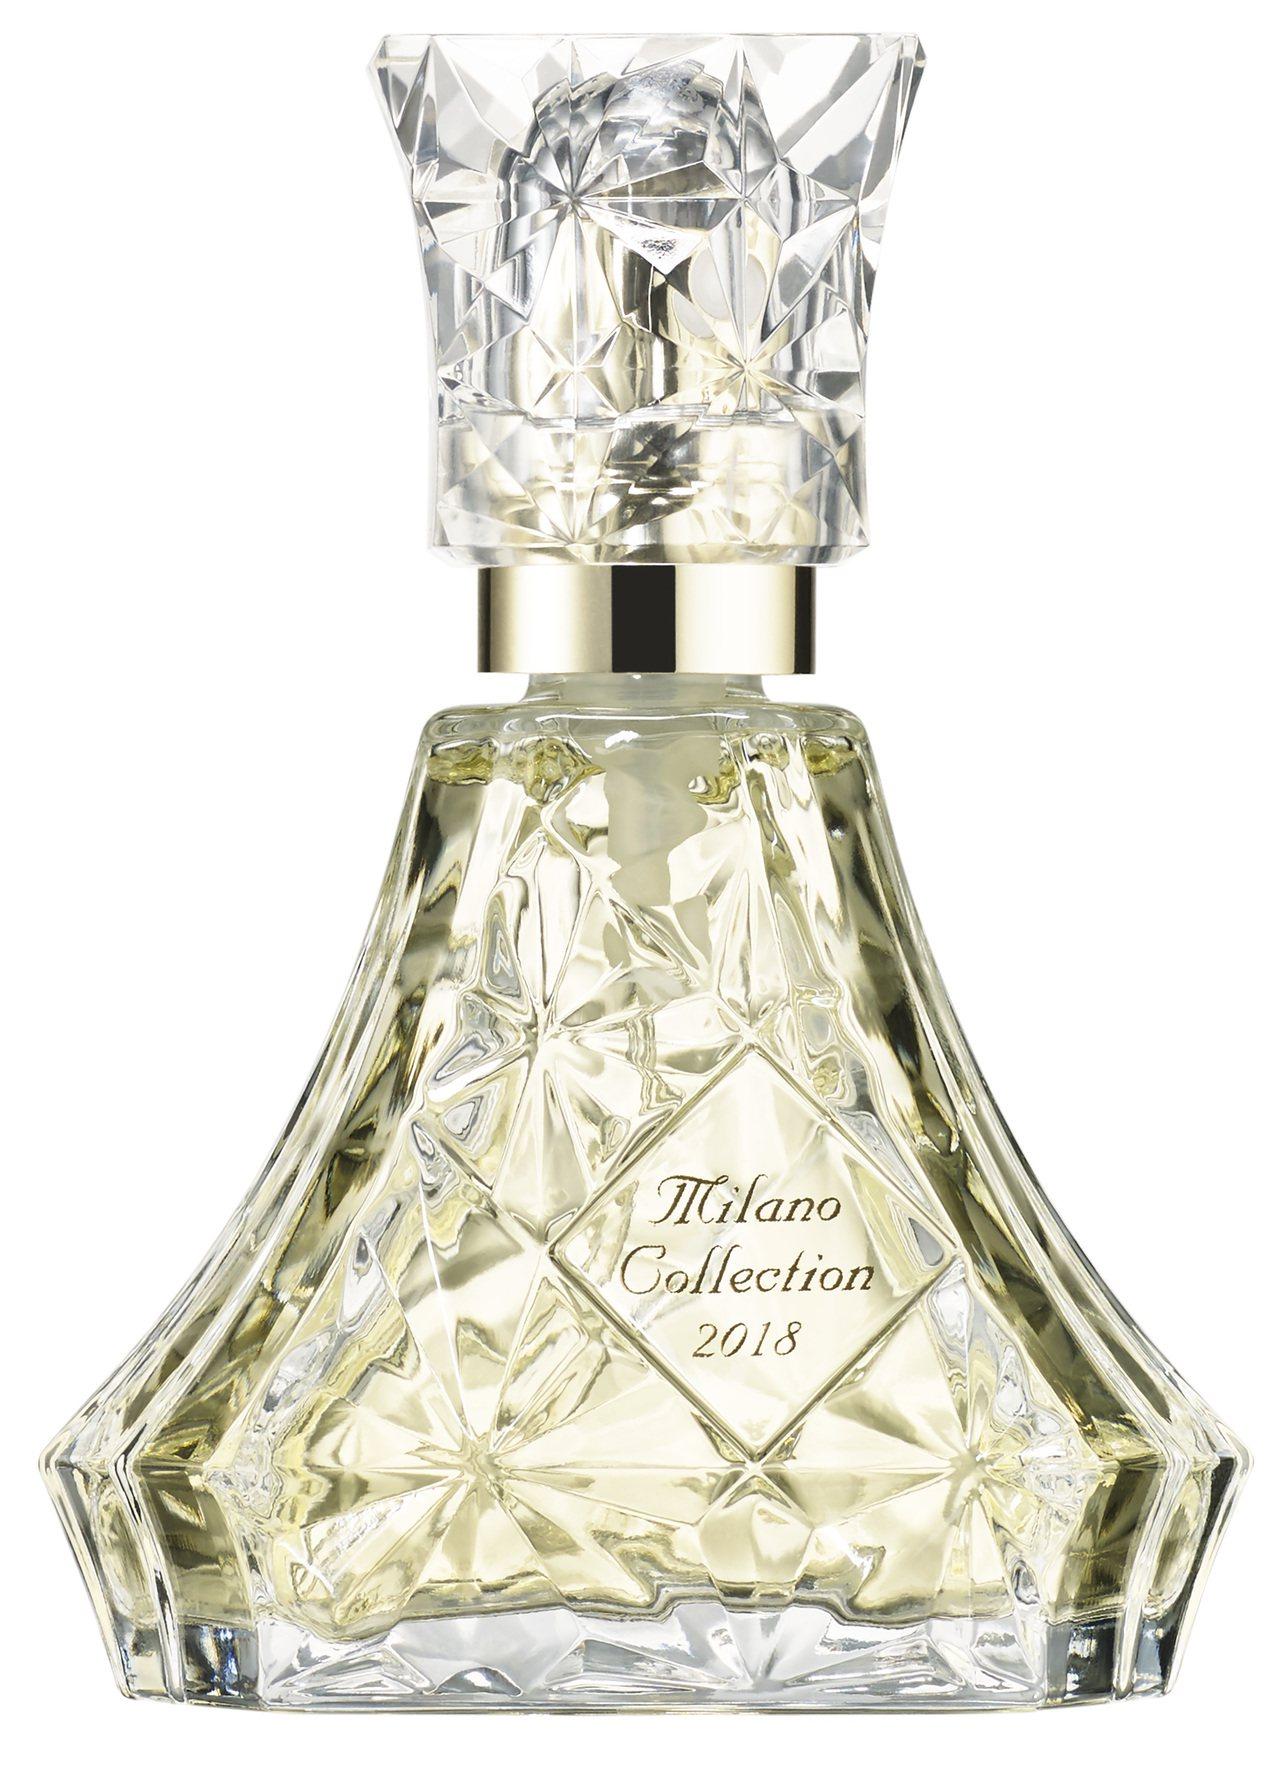 米蘭絕色香水2018,30mL,3,800元。圖/佳麗寶提供